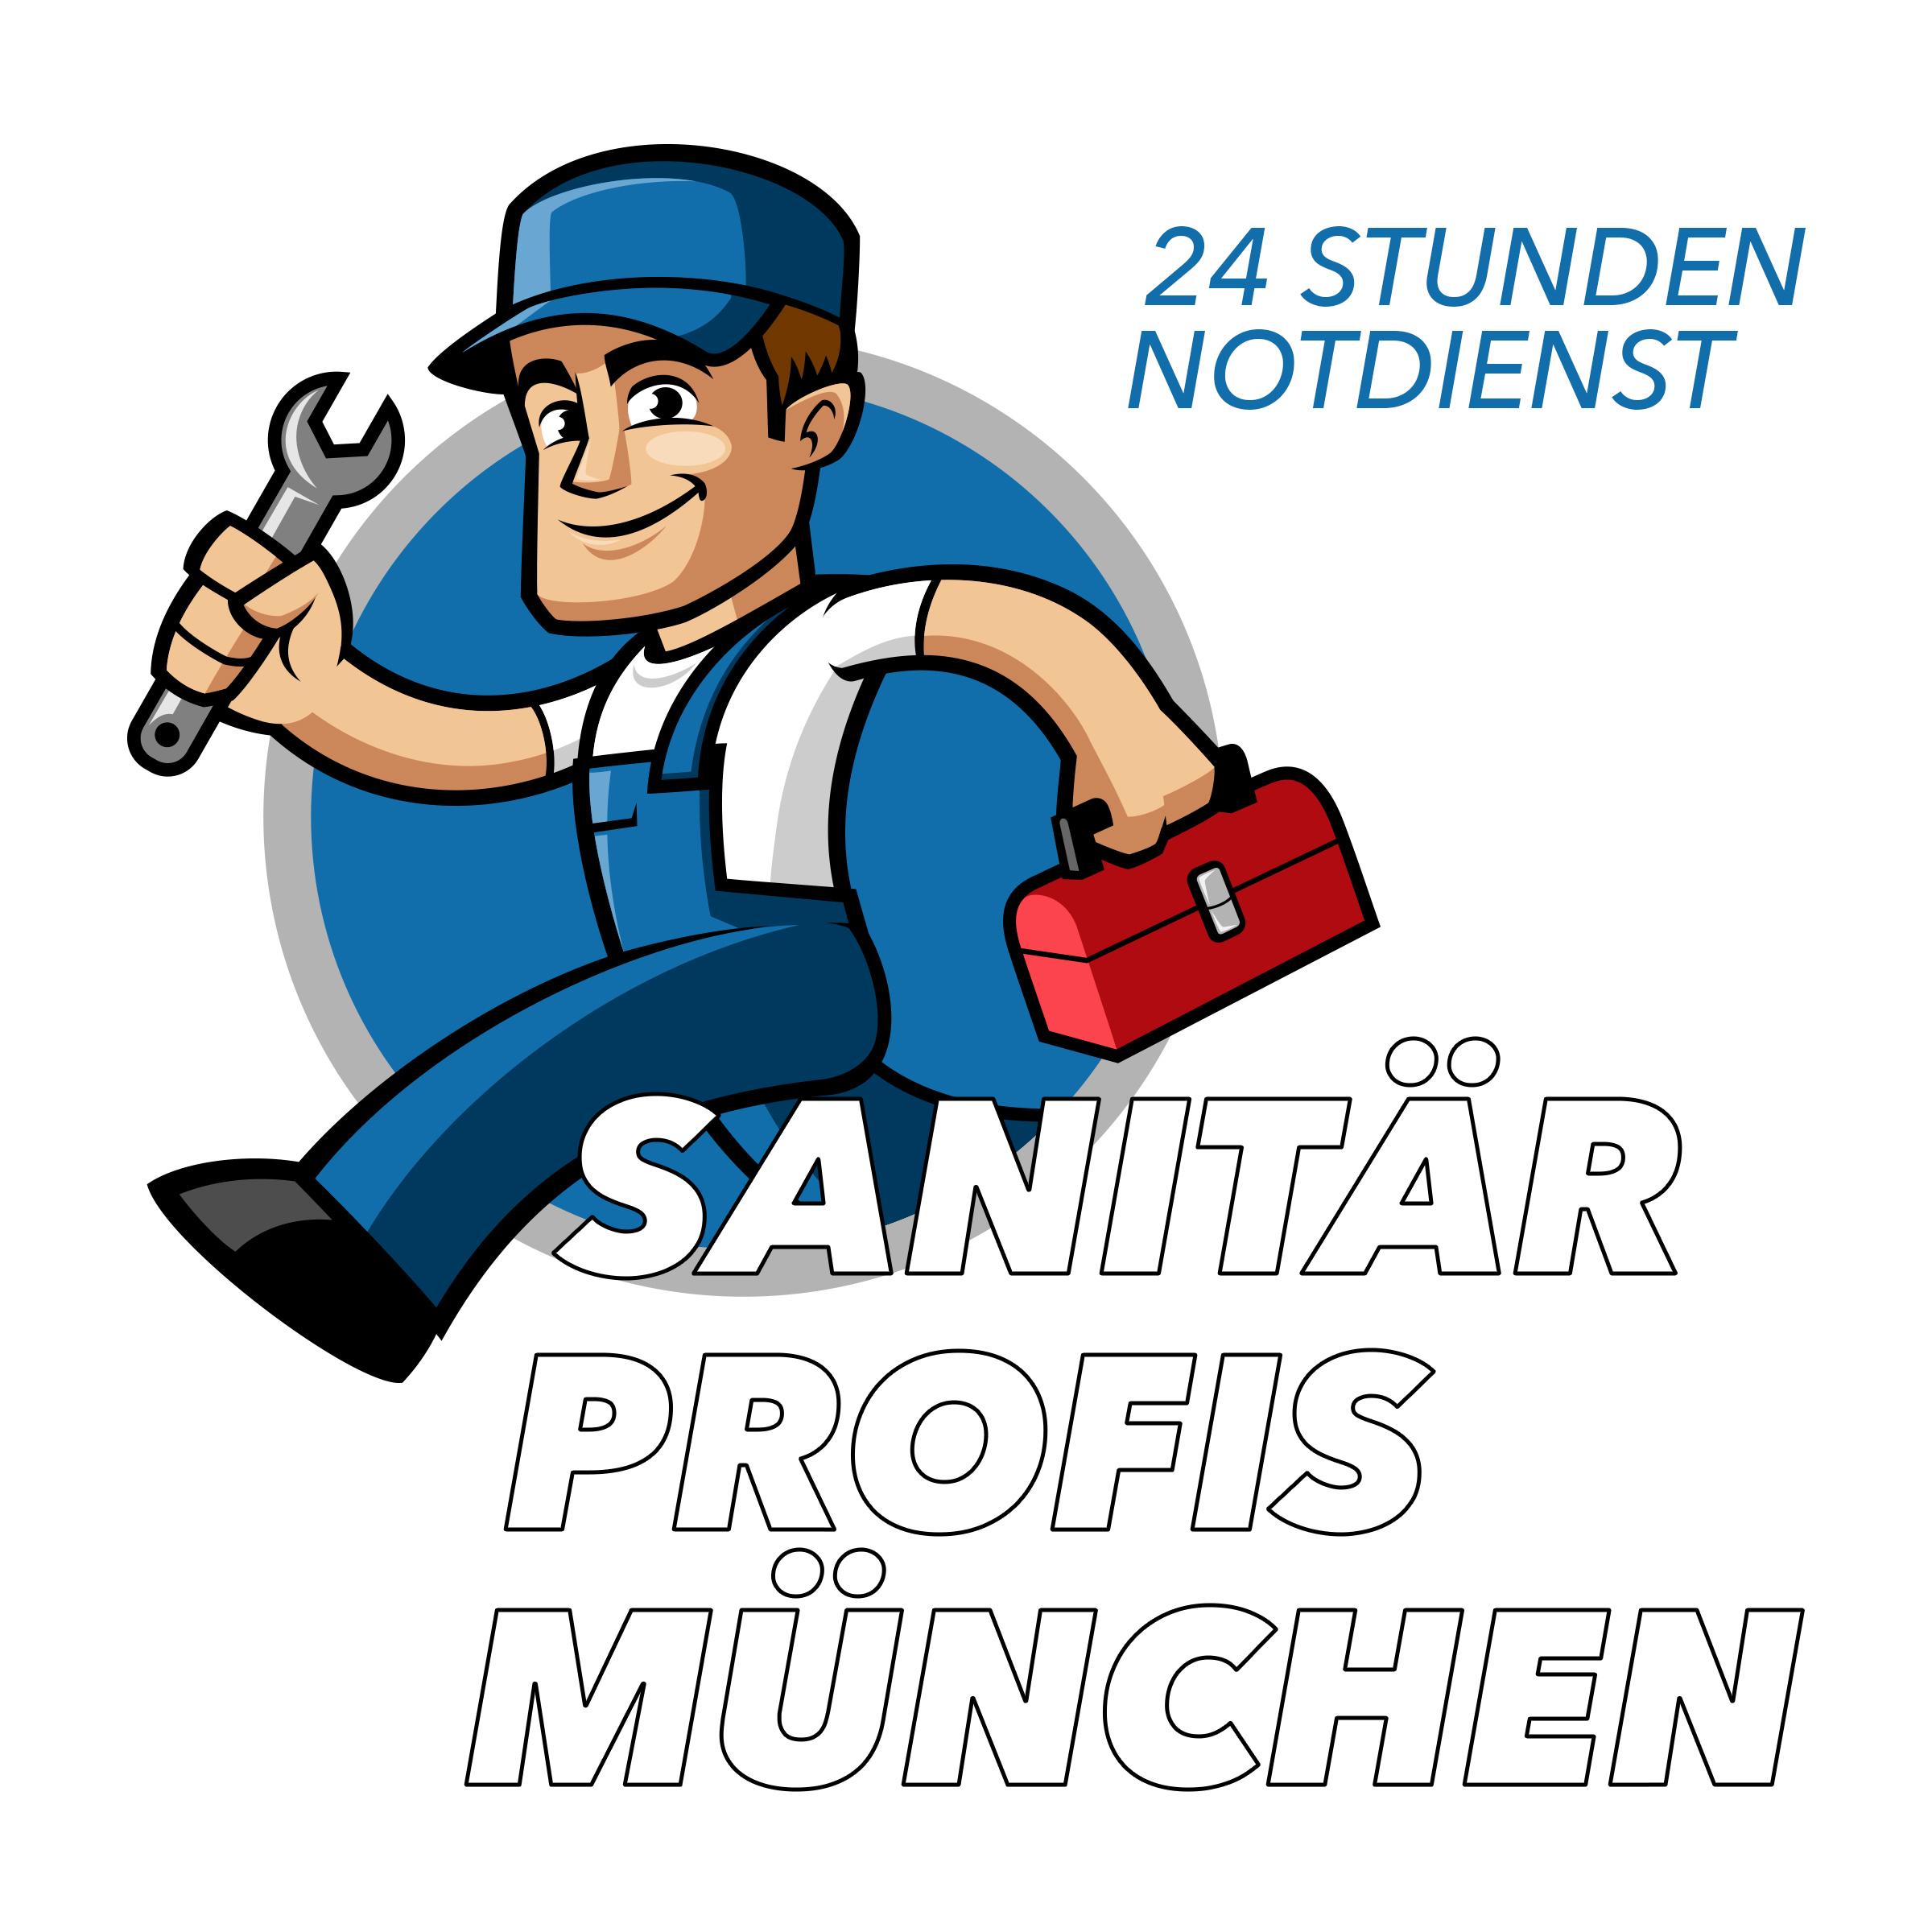 Schramm München hans schramm gmbh co kg münchen häberlstraße 20